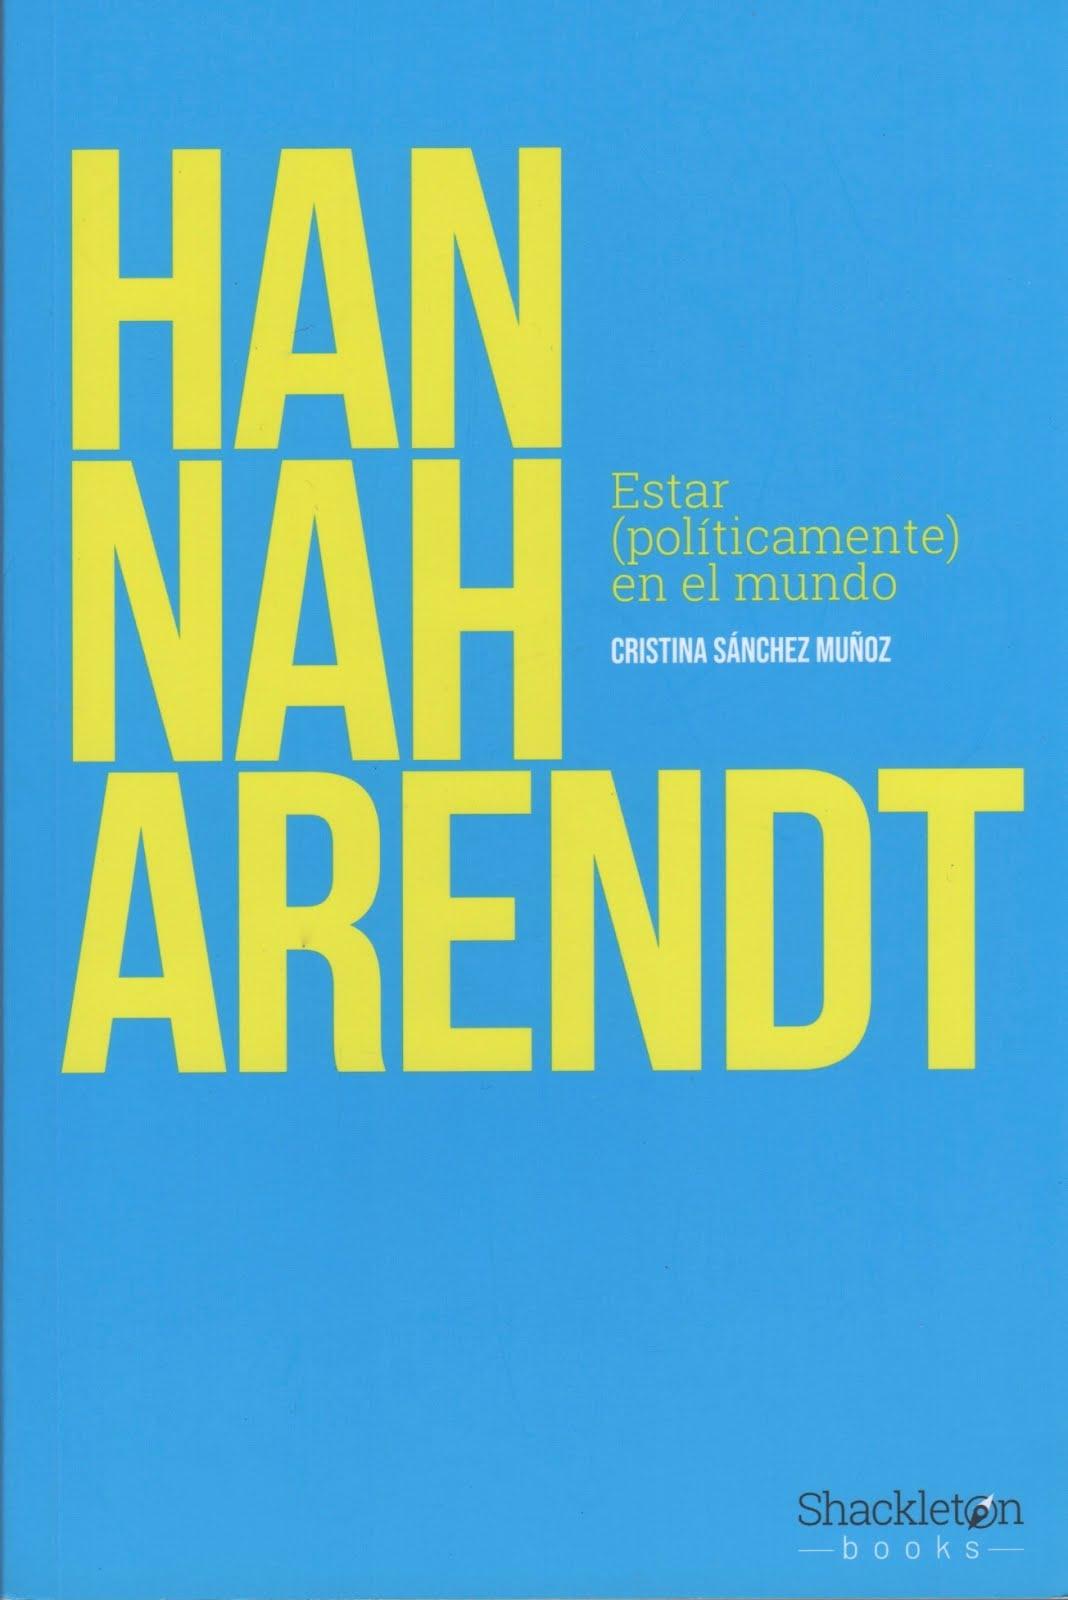 Cristina Sánchez Muñoz (Hannah Arendt) Estar (políticamente) en el mundo